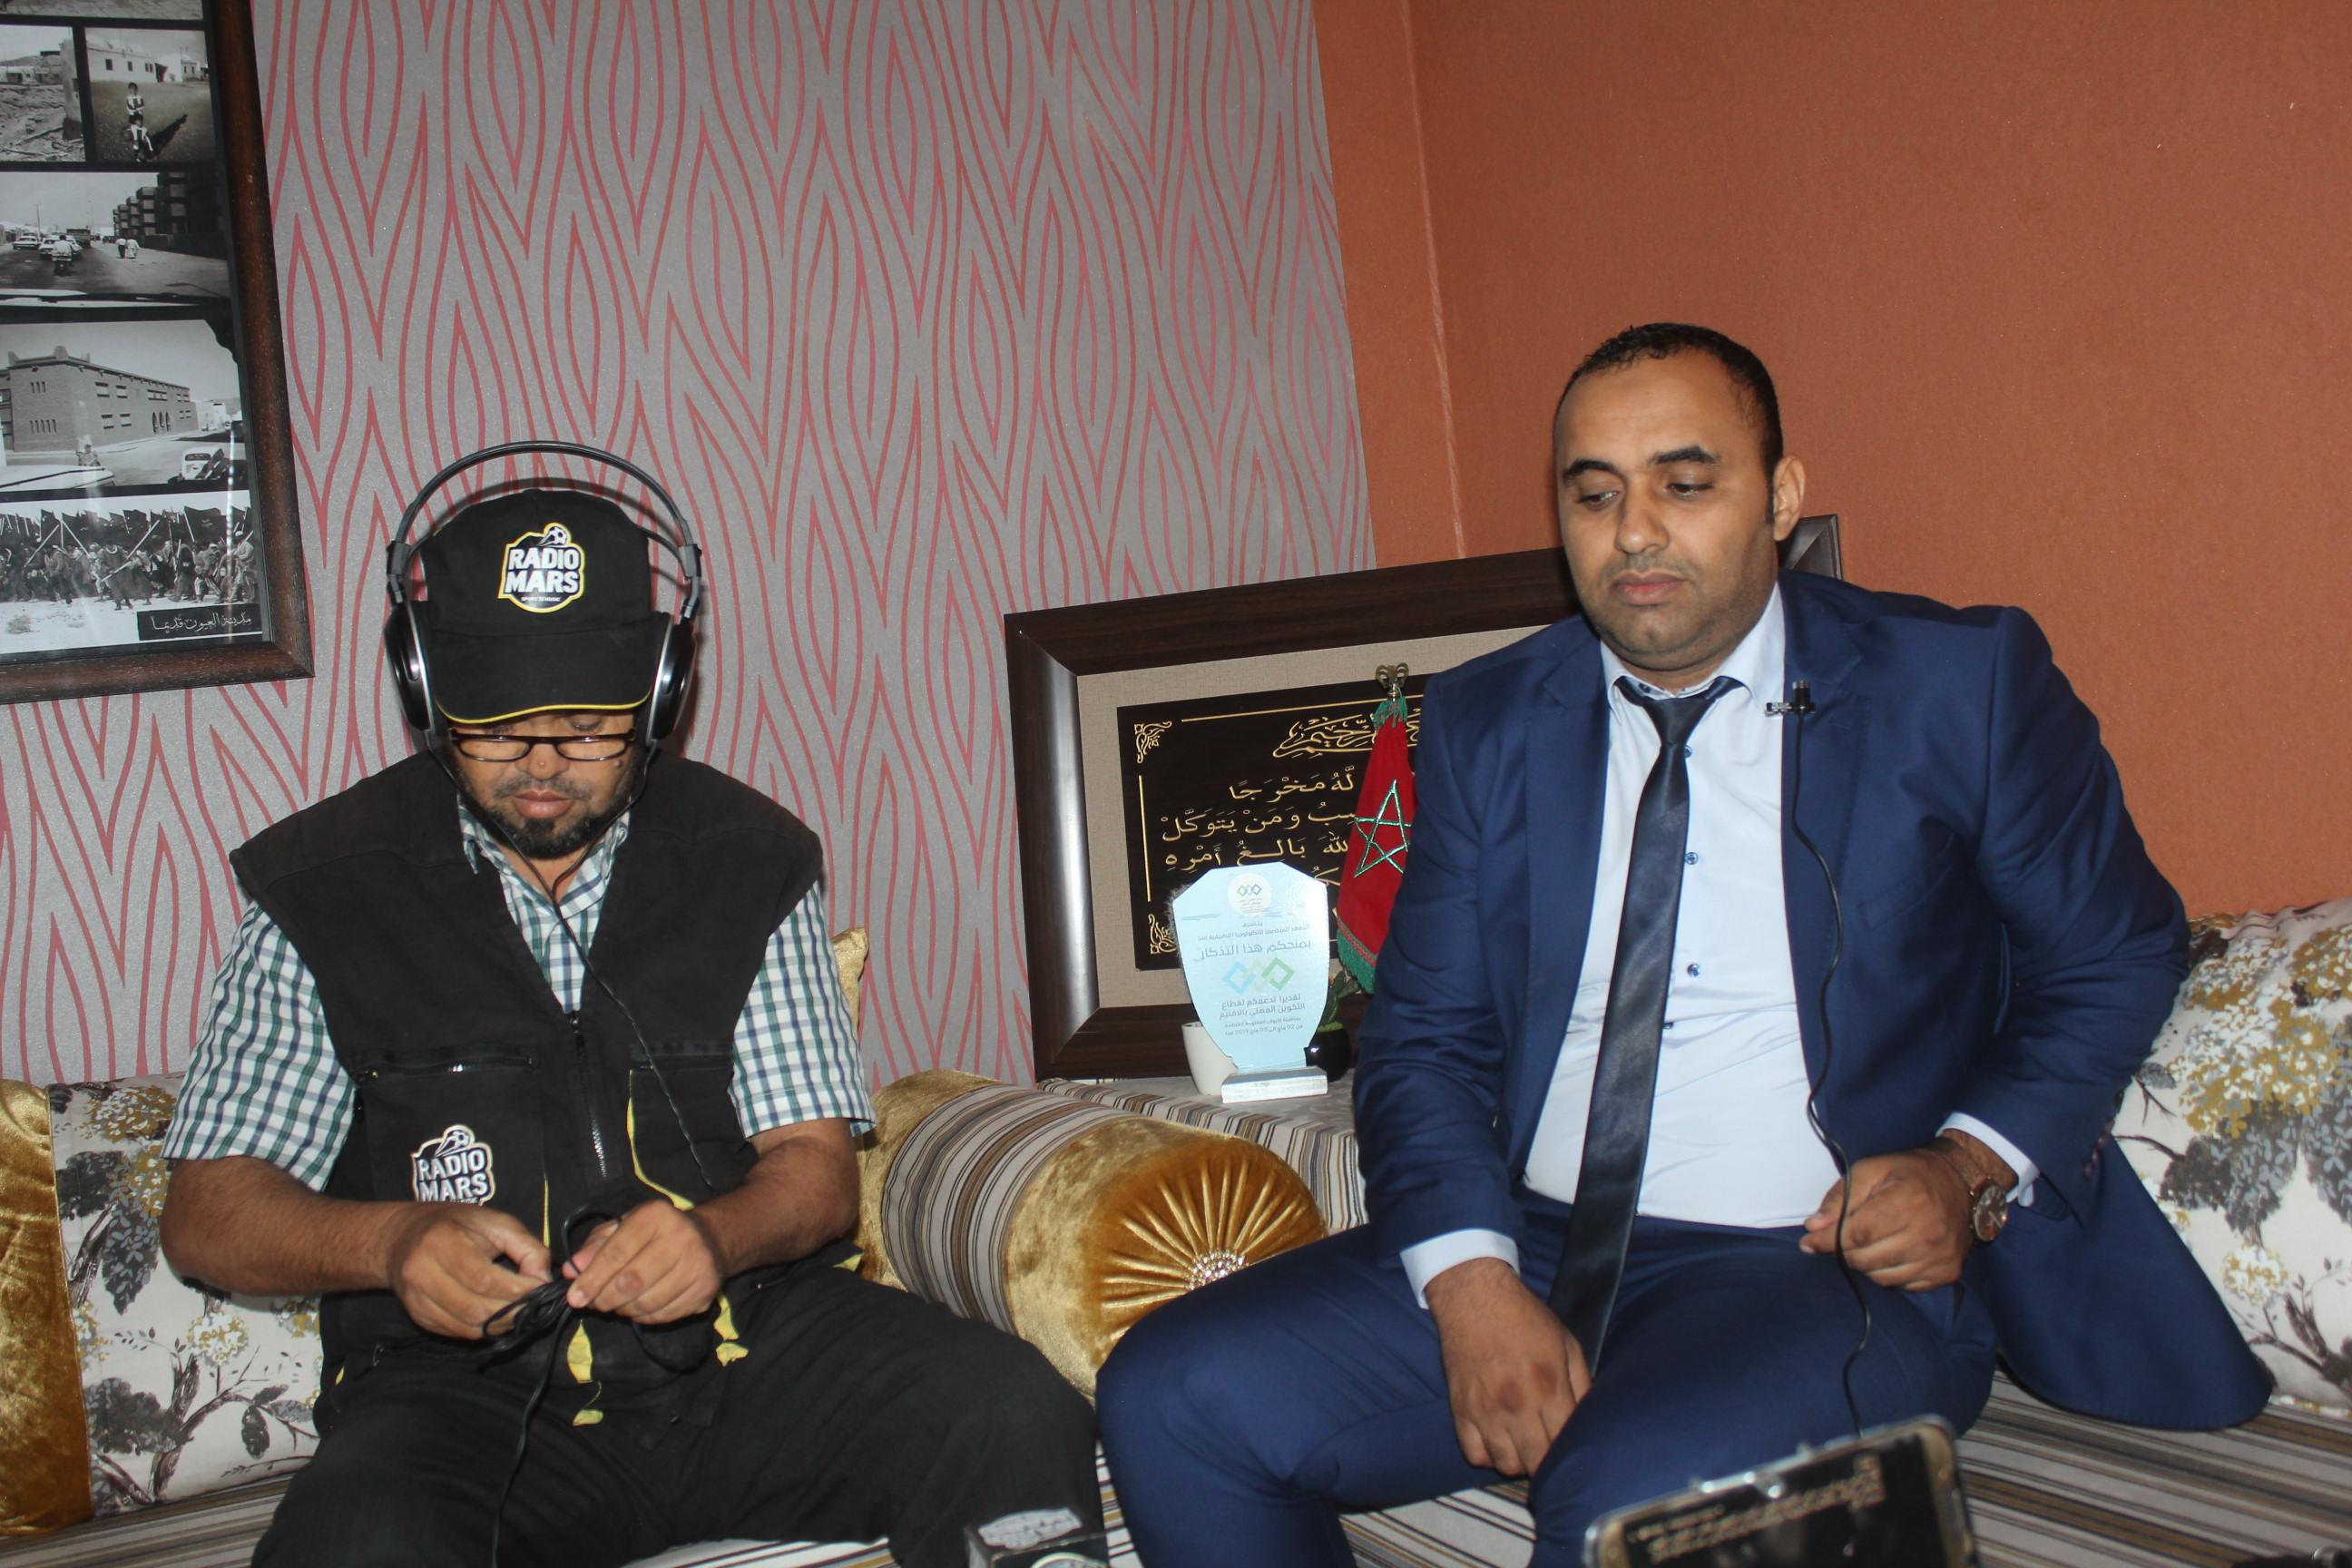 بالفيديو:حصيلة مكتب التكوين المهني وانعاش الشغل بالاقاليم الجنوبية مع السيد سامي الصلح الطيب